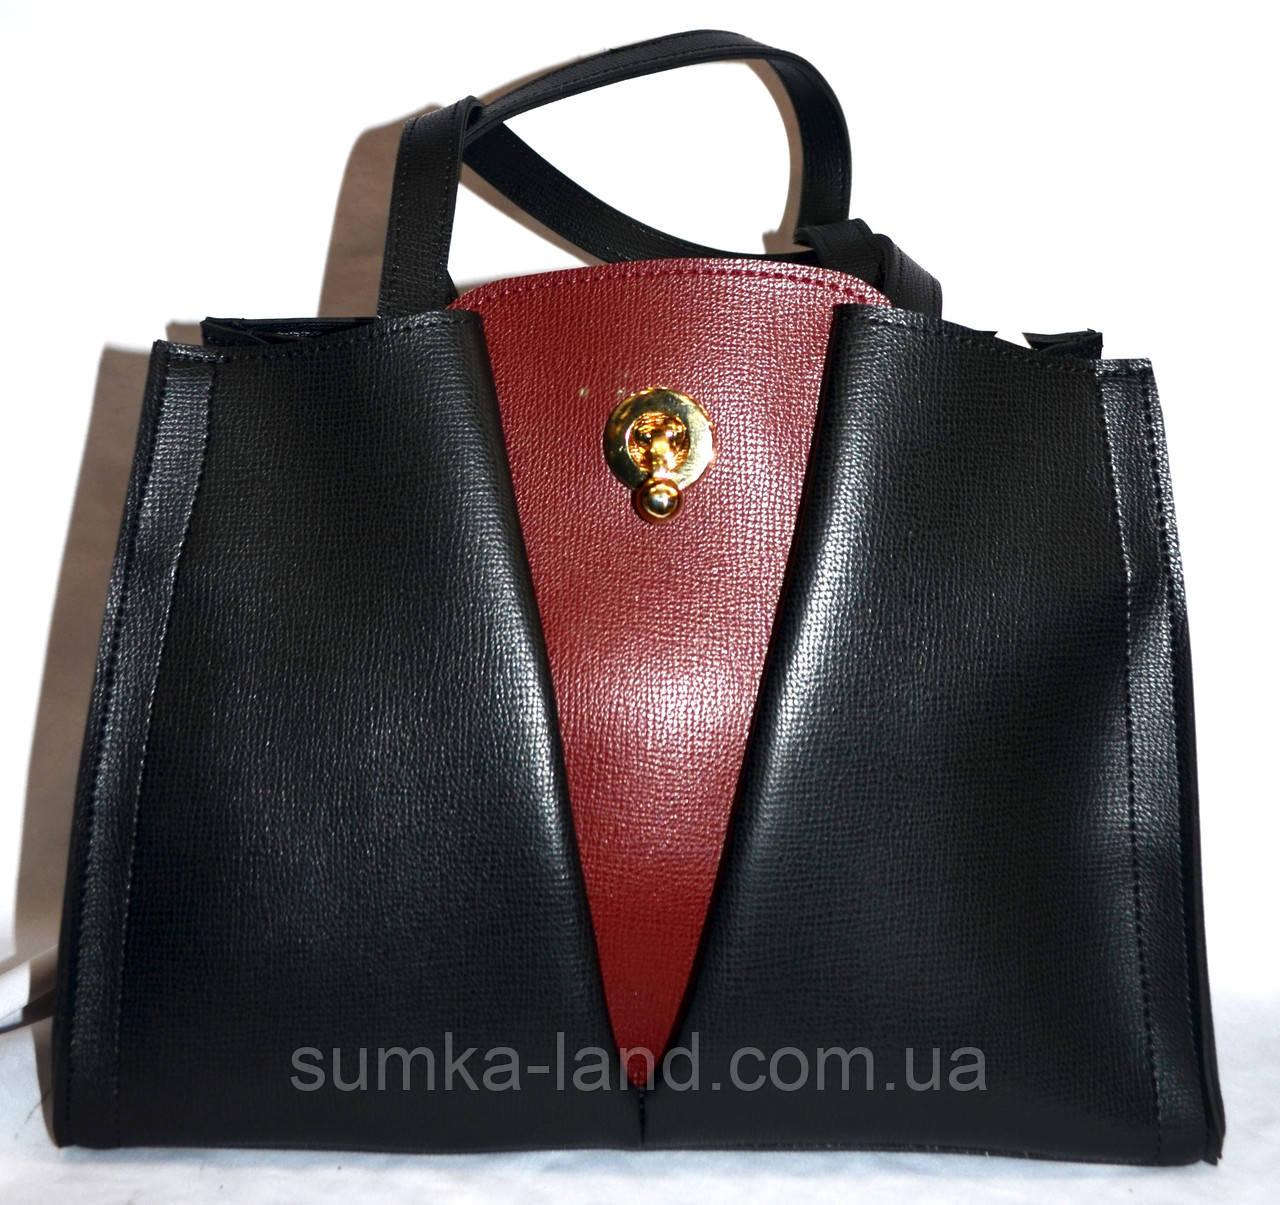 Женская черная сумка класса Люкс с бордовой вставкой 31*23 см